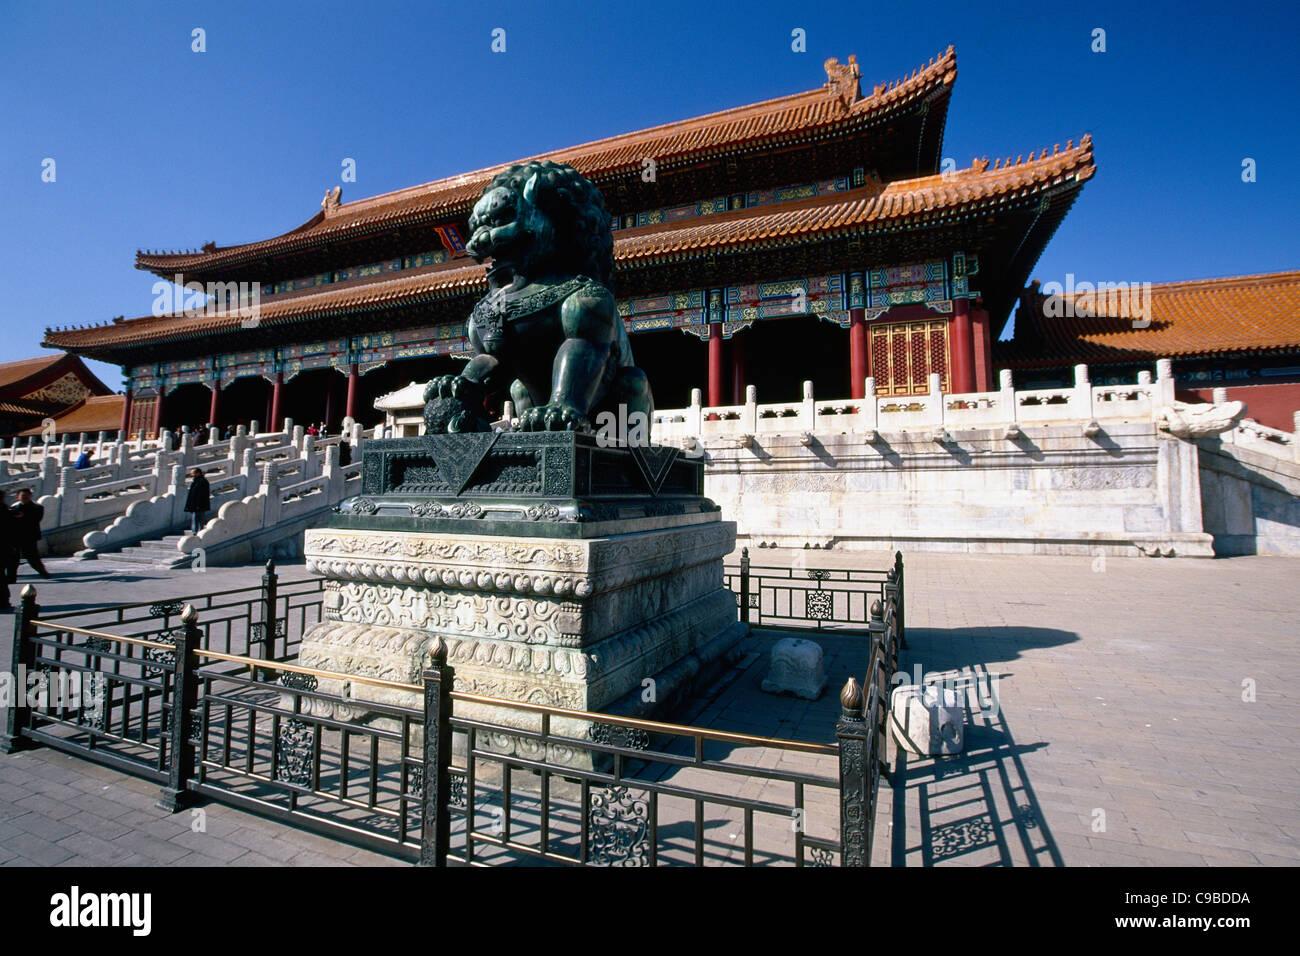 Mâle Gardien Impérial Chinois Lion Sculpture en face du hall de l'harmonie suprême, la Cité Interdite, Pékin, Chine Banque D'Images